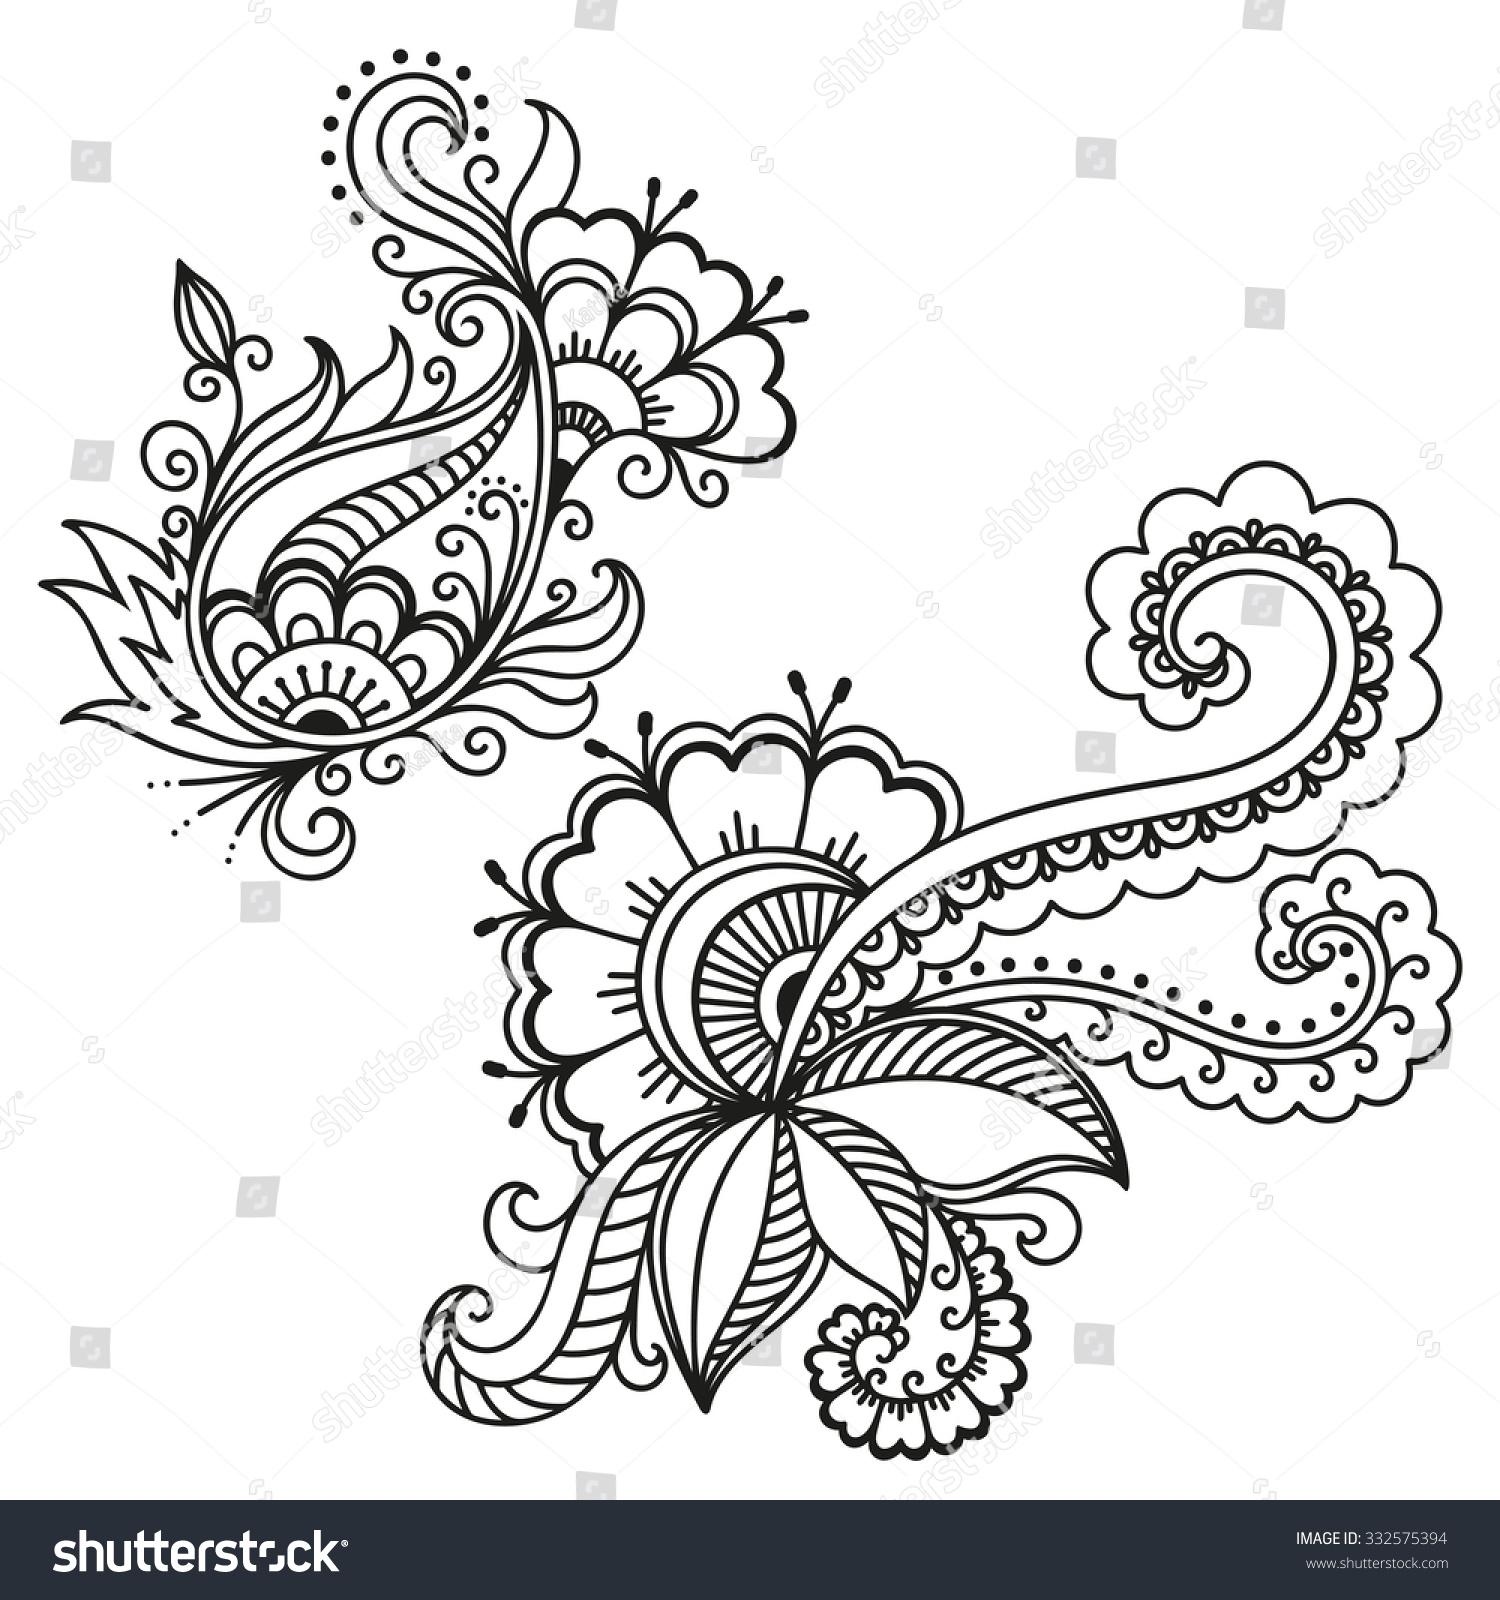 Henna Tattoo Vector: Henna Tattoo Flower Template.Mehndi. Stock Vector